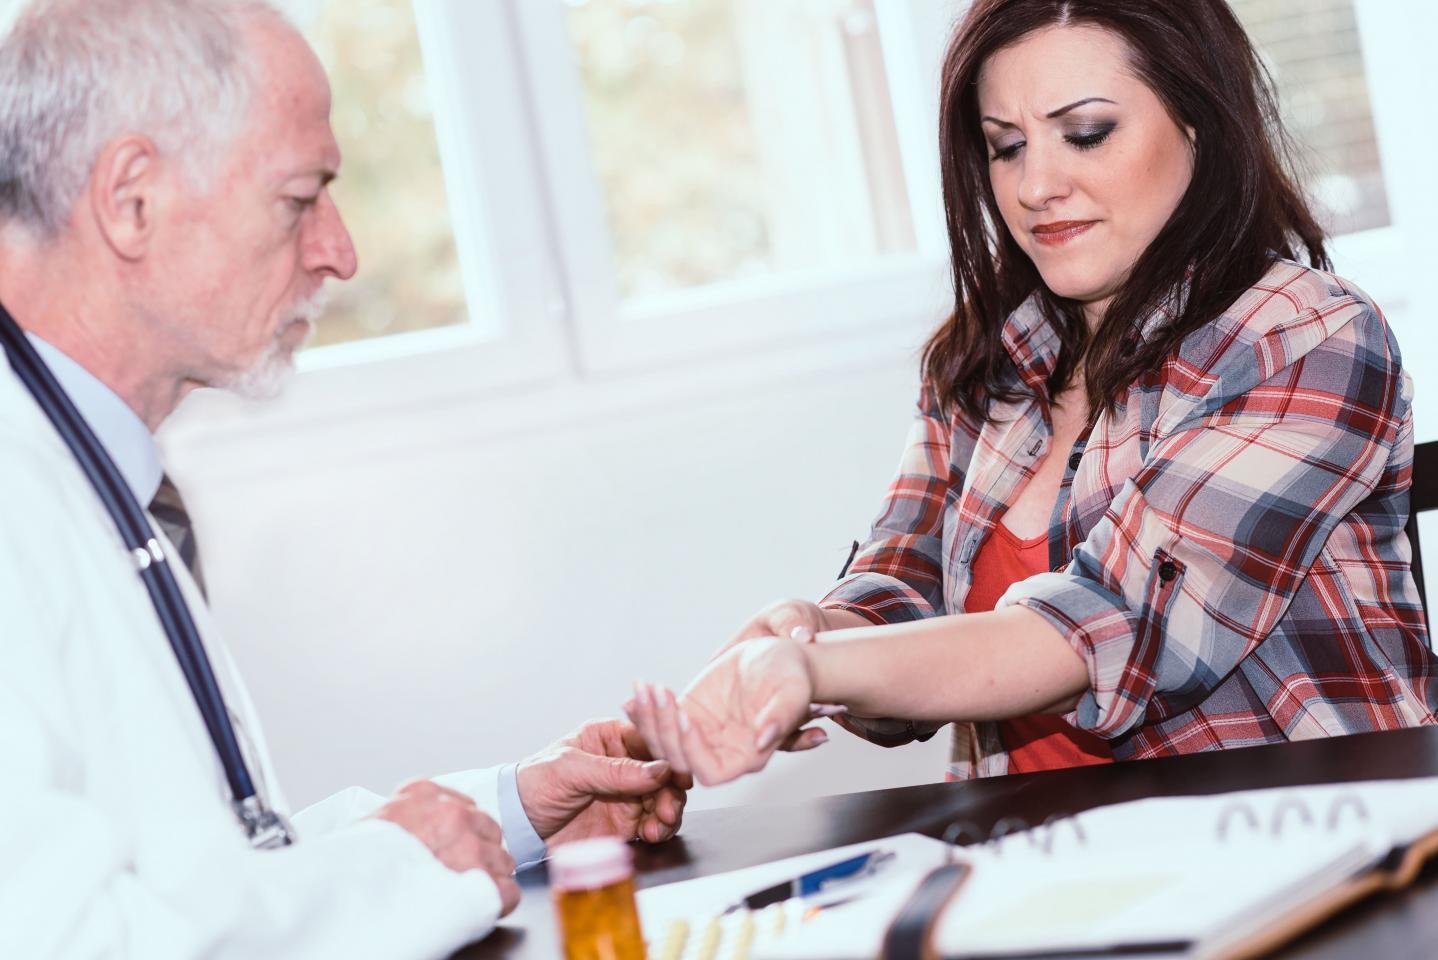 осмотр врача при карпальном синдроме